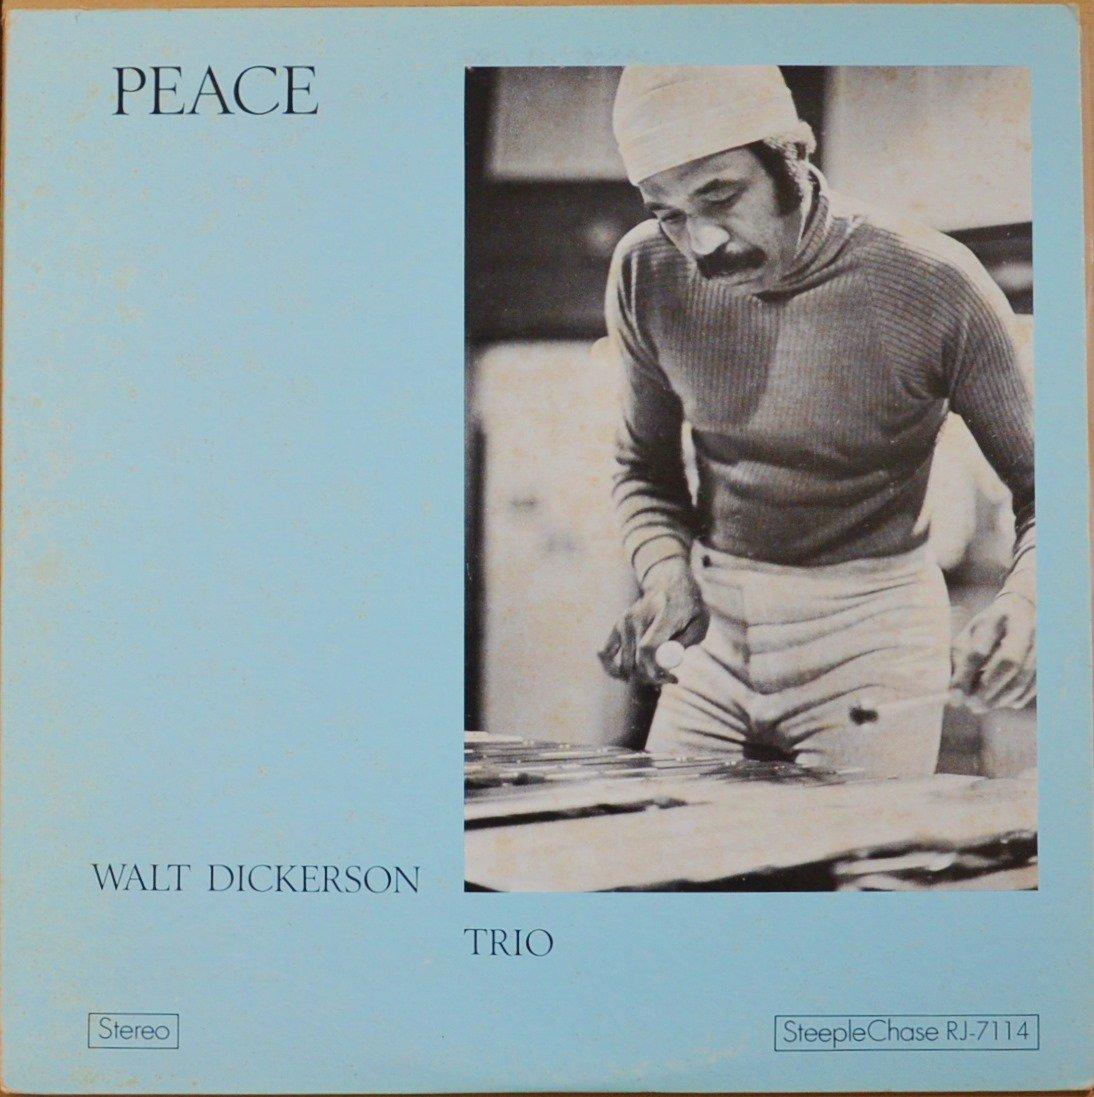 ウォルト・ディッカーソン・トリオ WALT DICKERSON TRIO / ピース PEACE (LP)